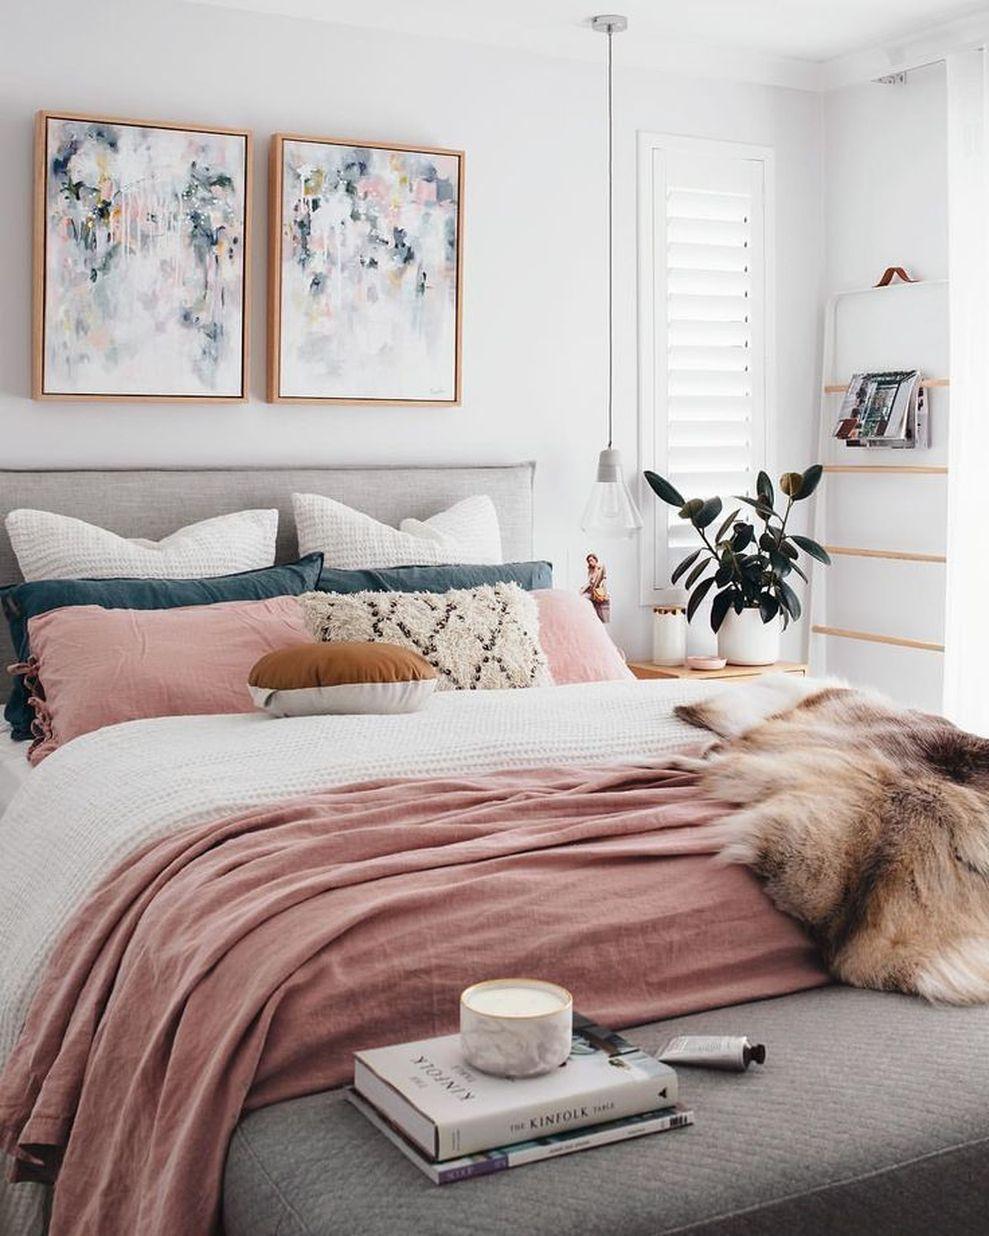 Master bedroom designs as per vastu   Modern Bedroom Design Ideas Minimalist Touch  Minimalist